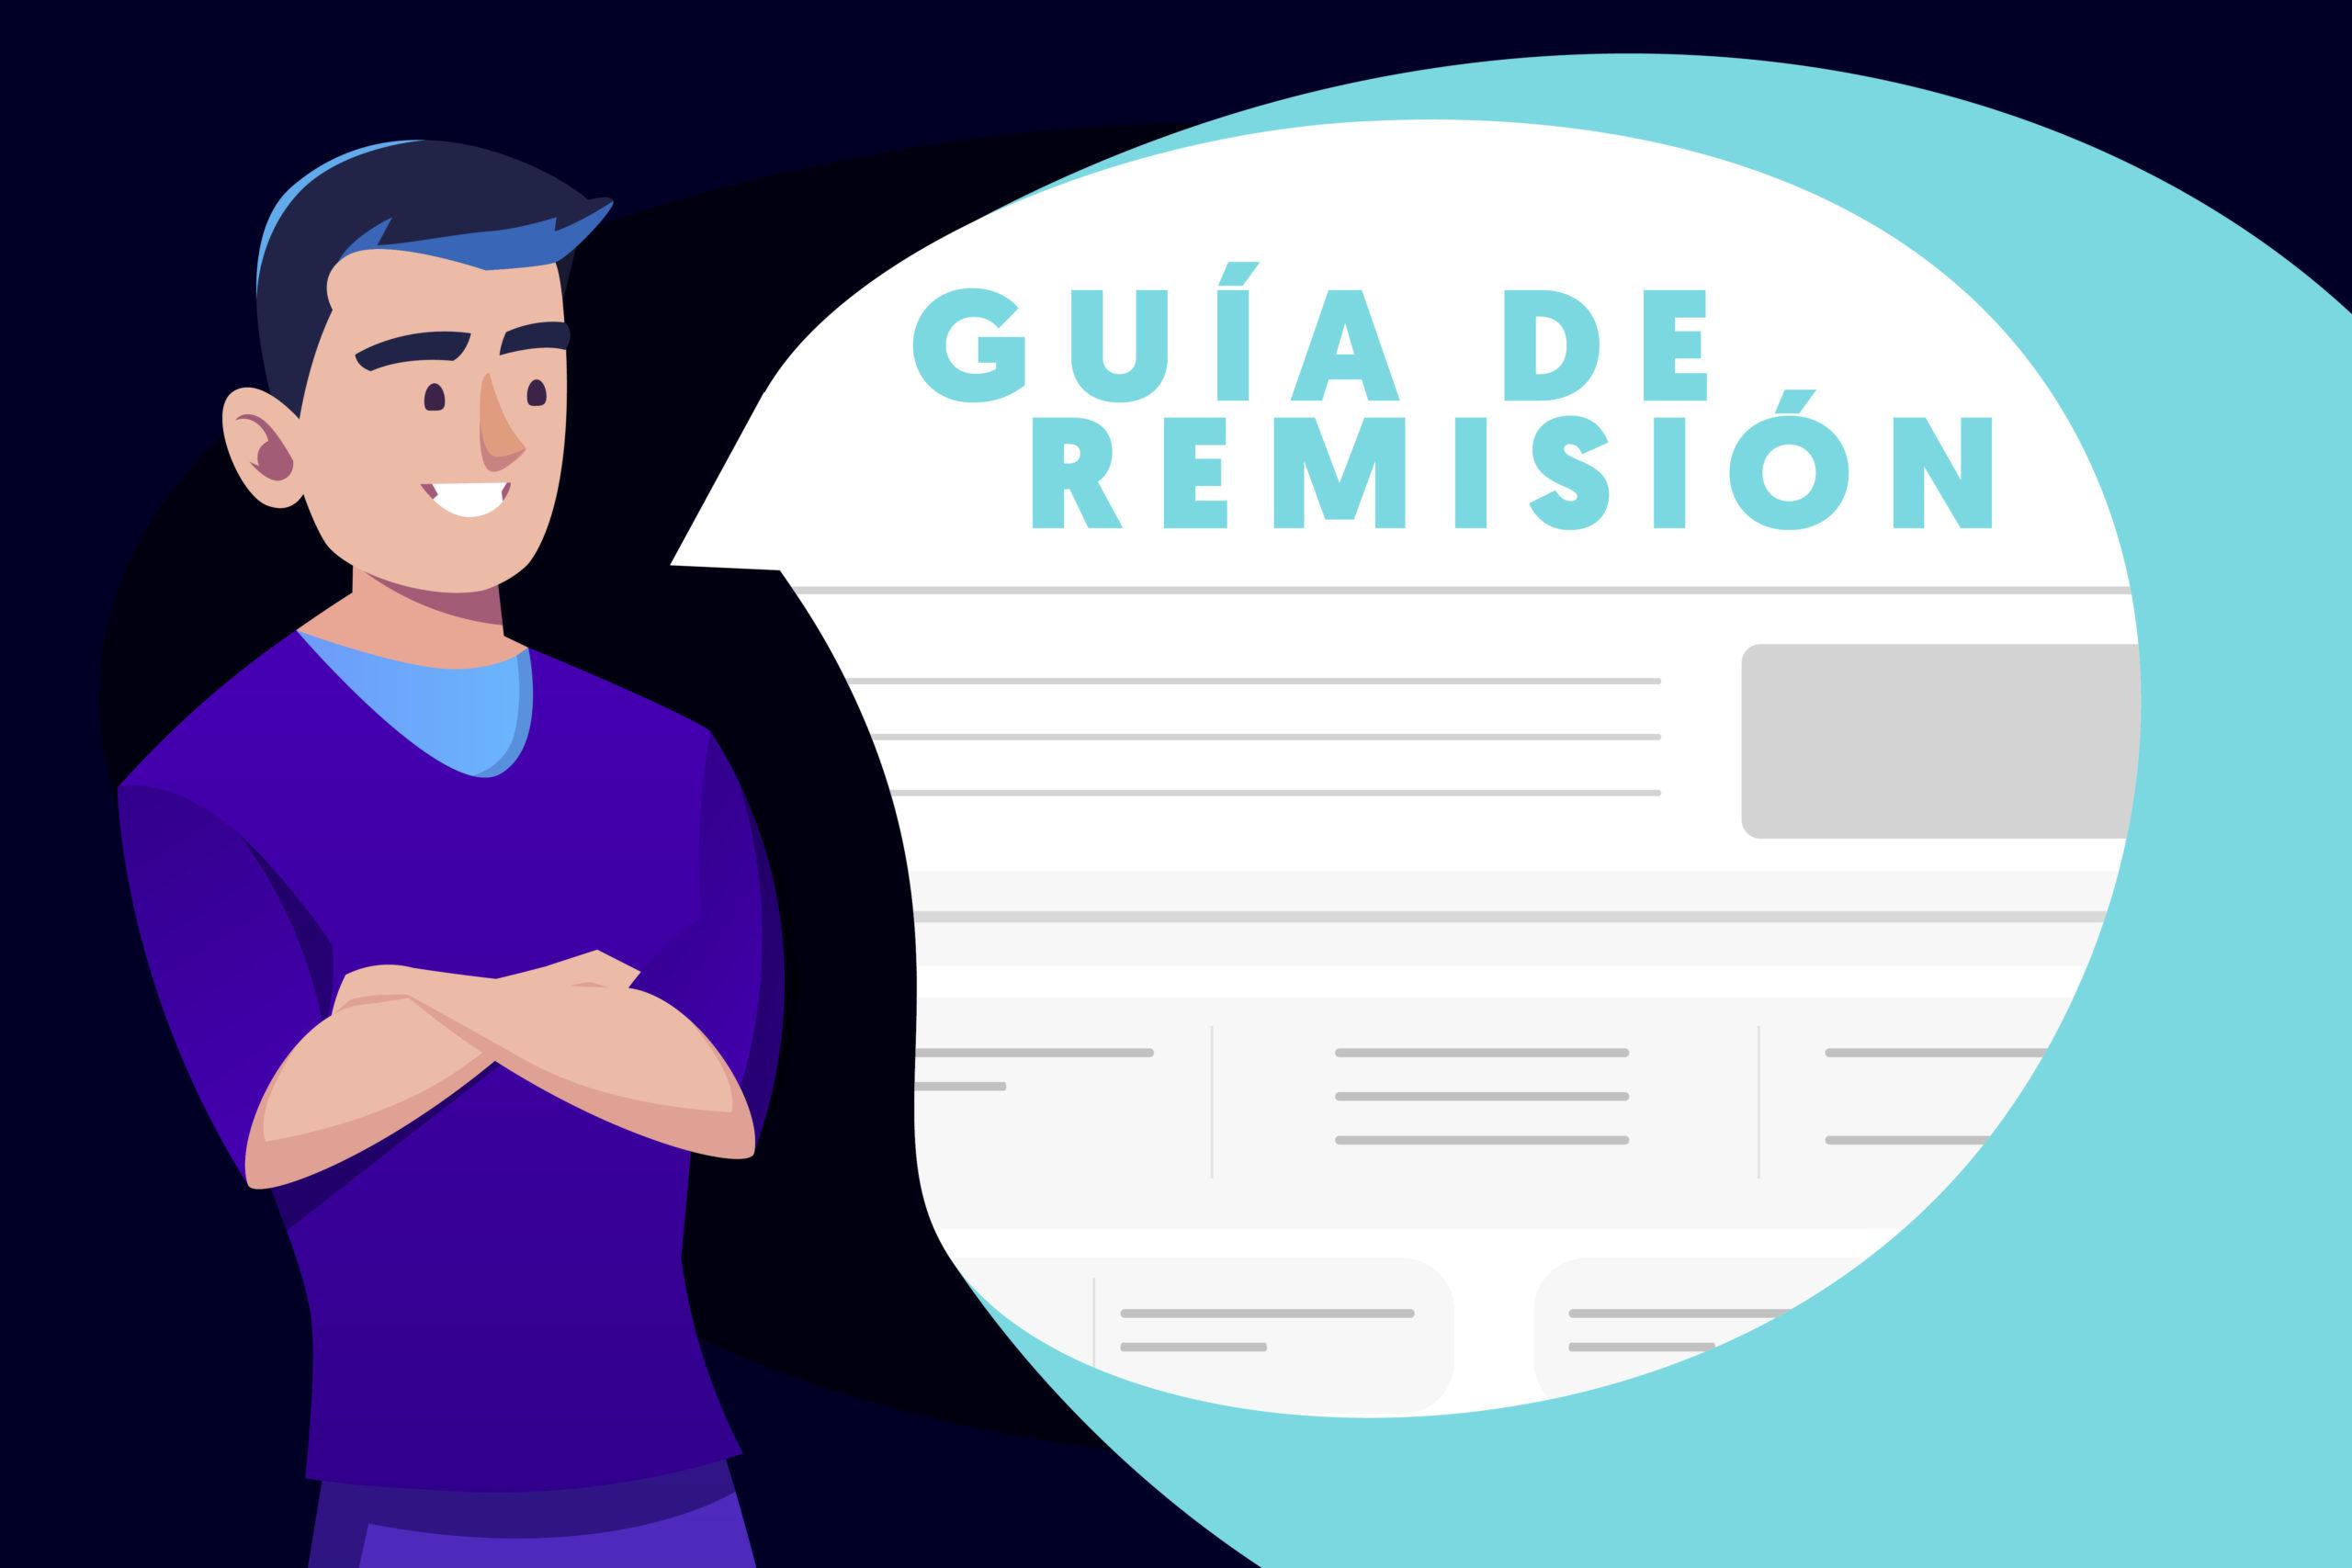 Como realizar una guía de remisión